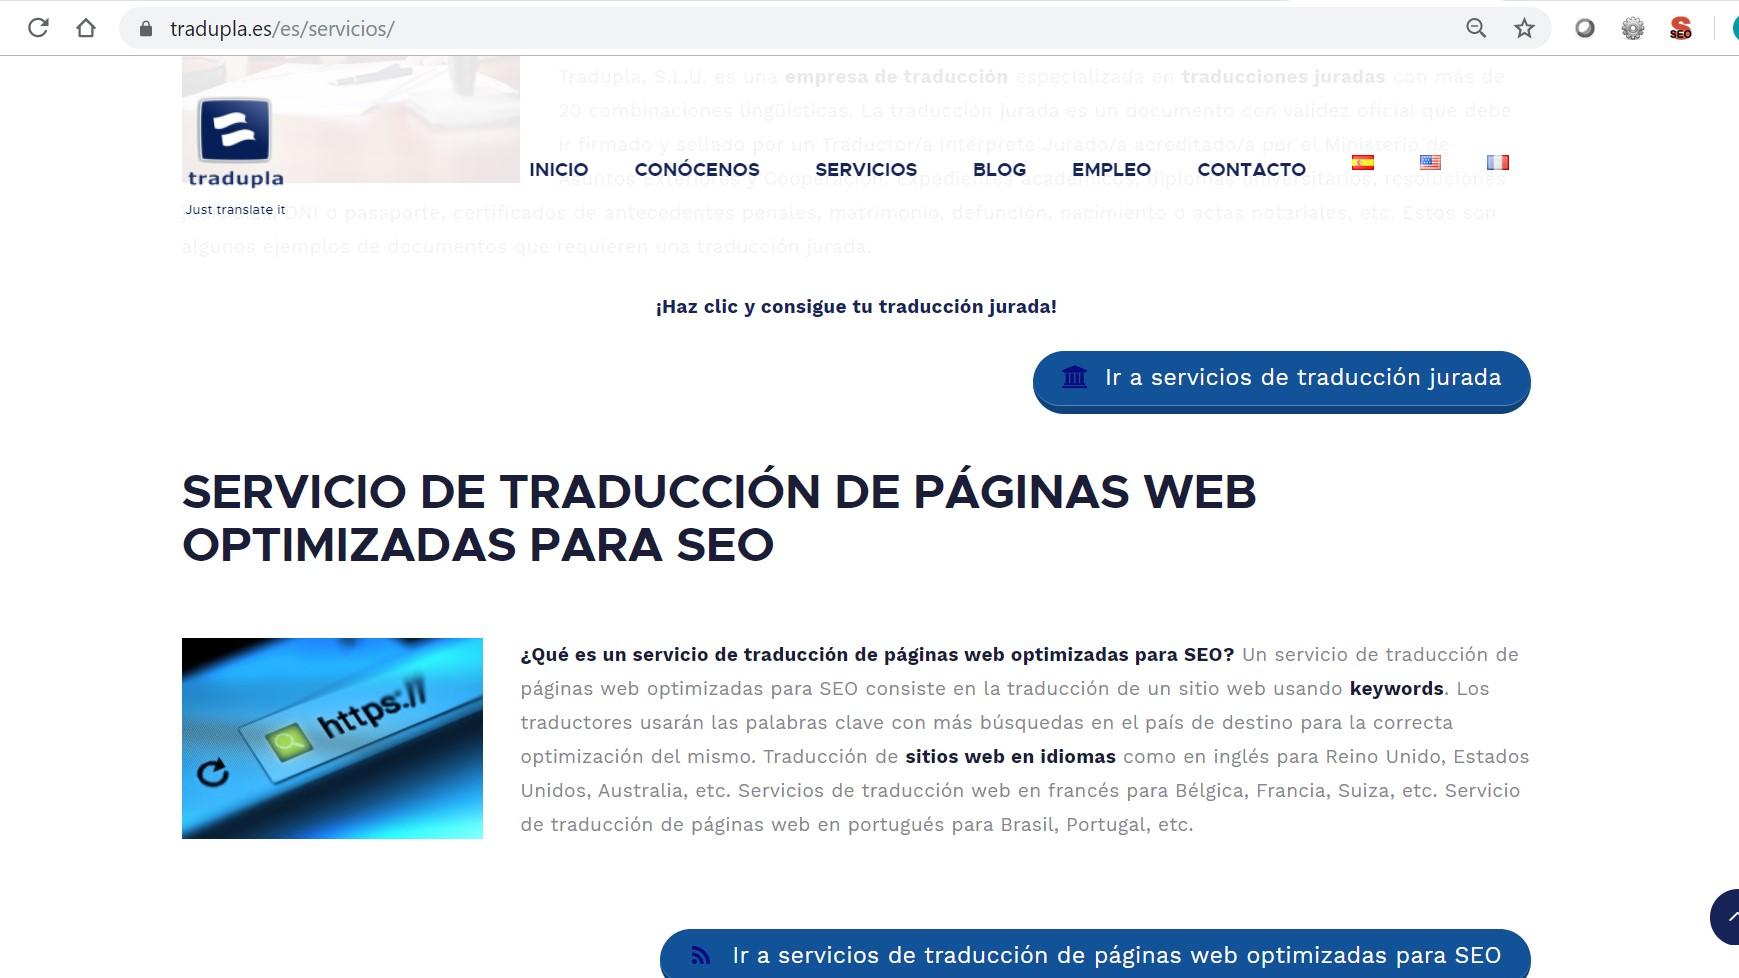 servicios de traduccion